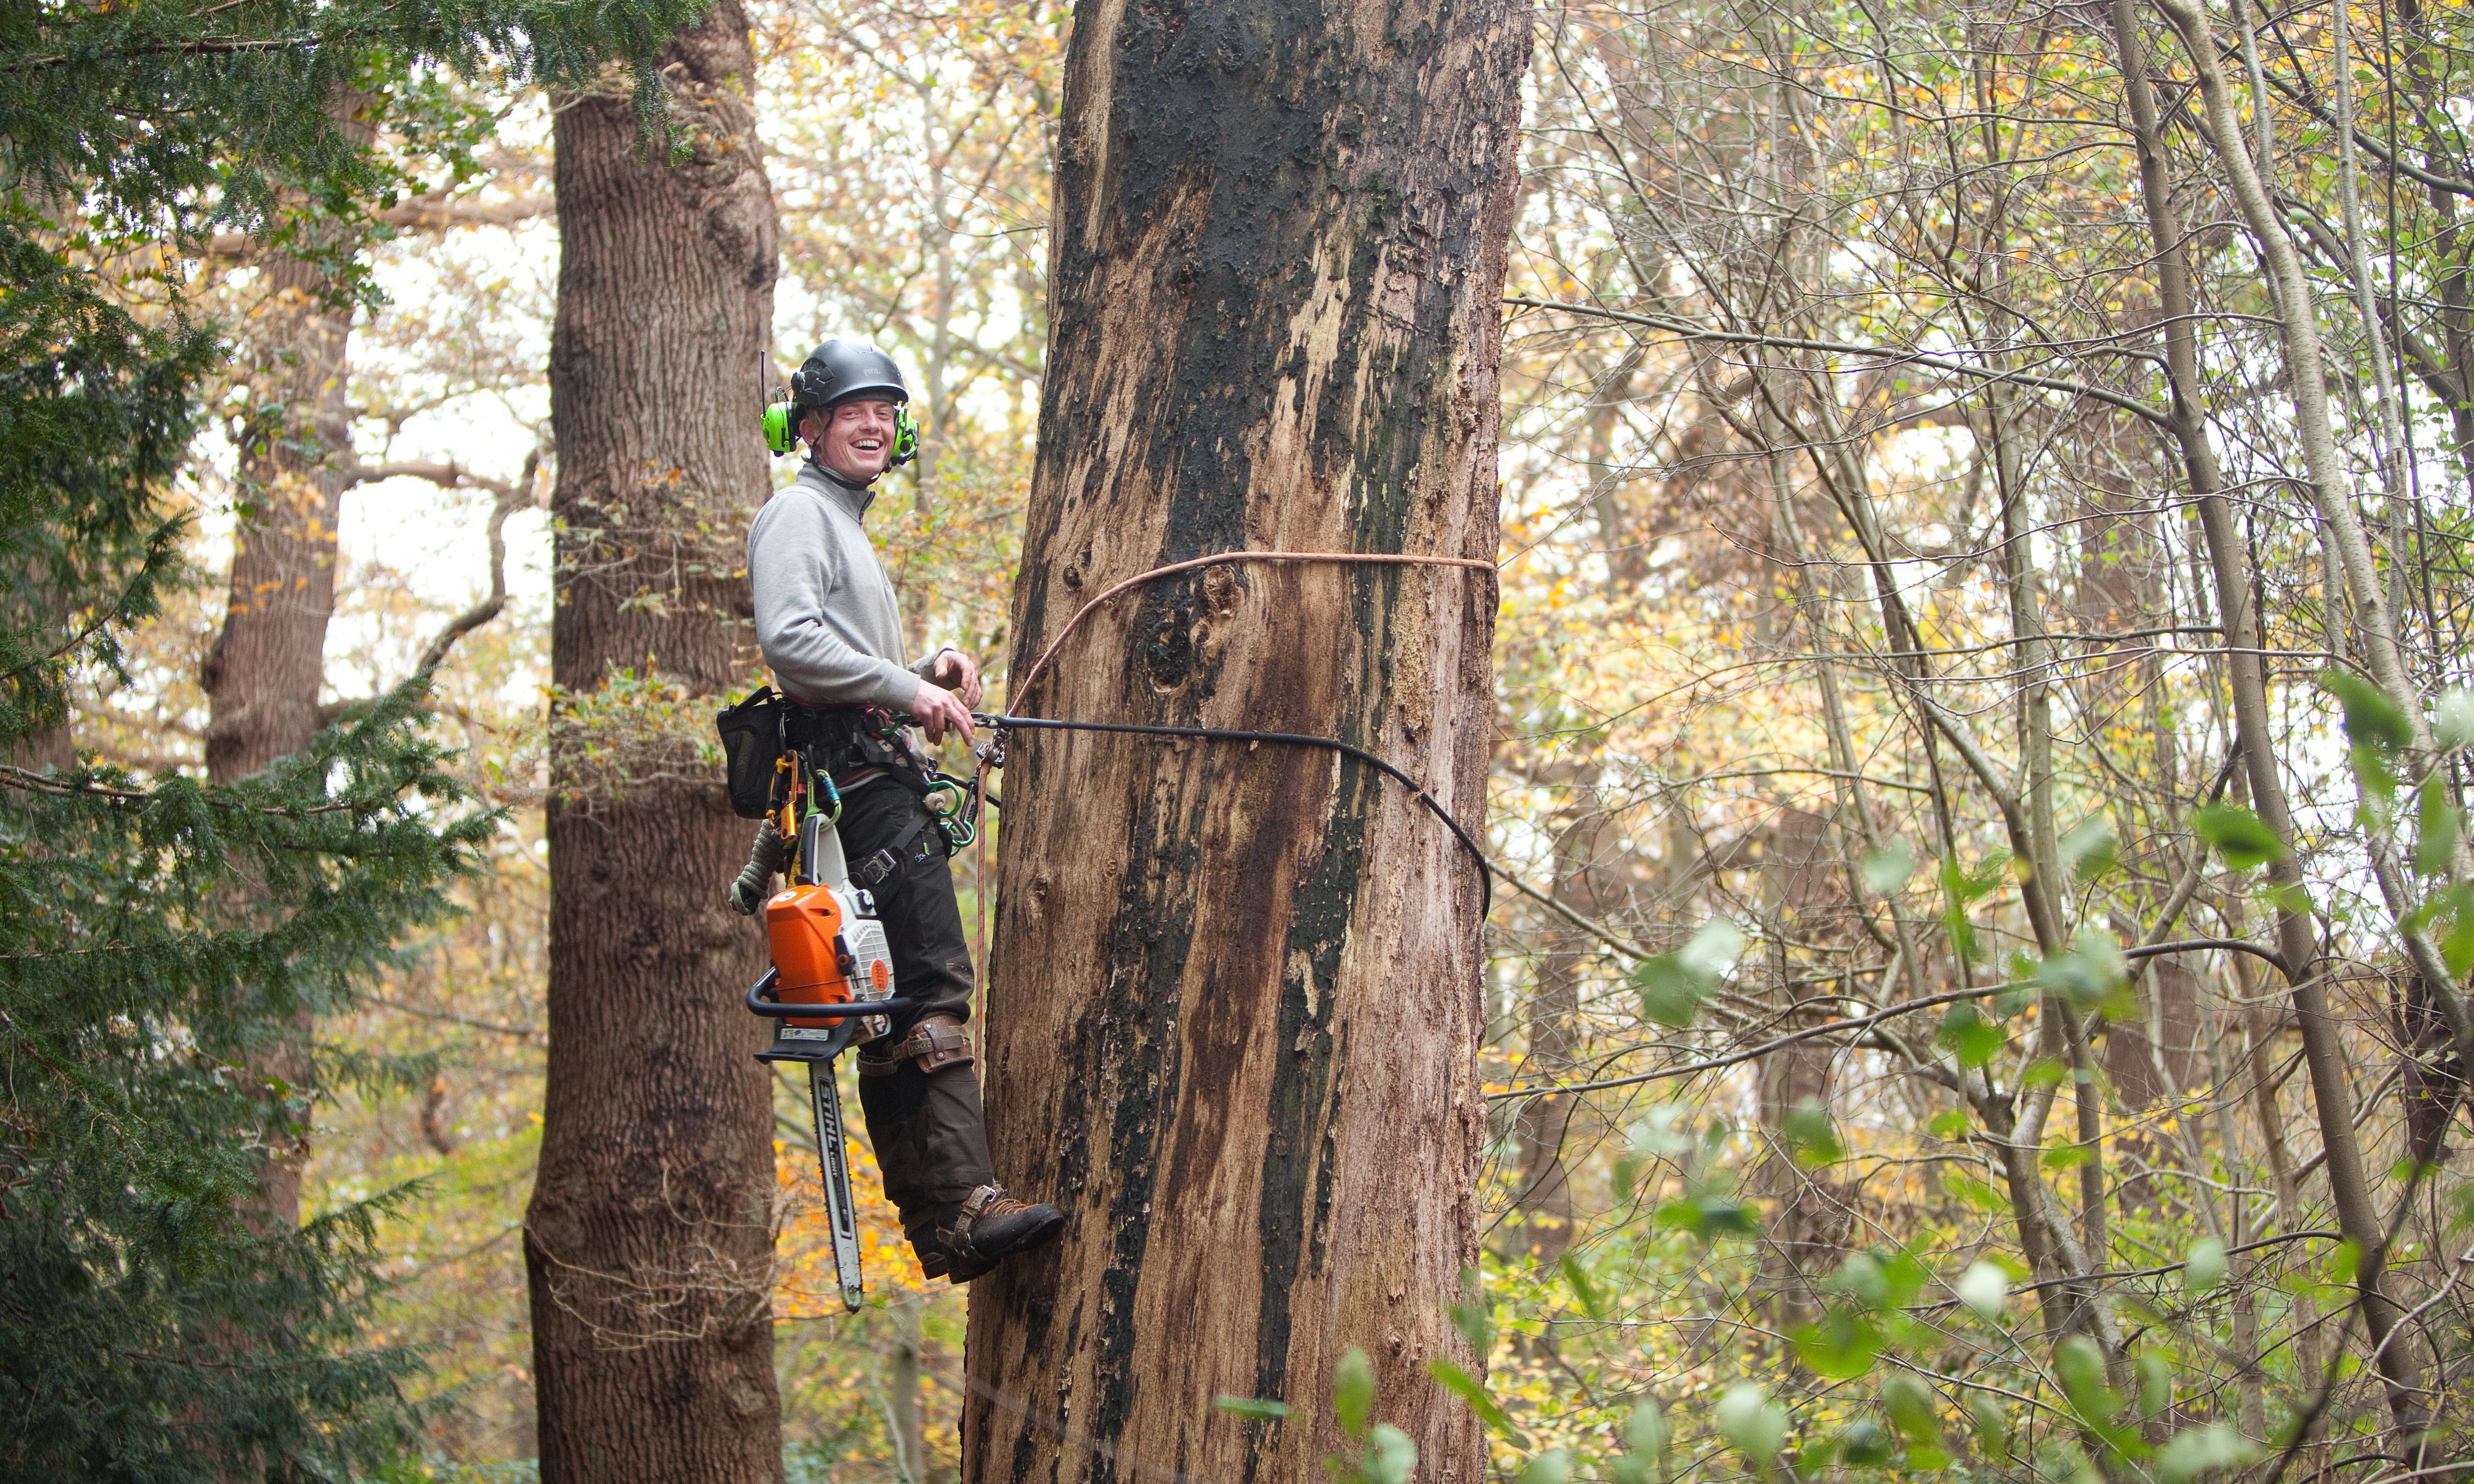 Je zou Tom van Oosterom een professioneel boomklimmer kunnen noemen: 'Iedere sukkel kan een tak afzagen, de kunst is alles eromheen heel houden'